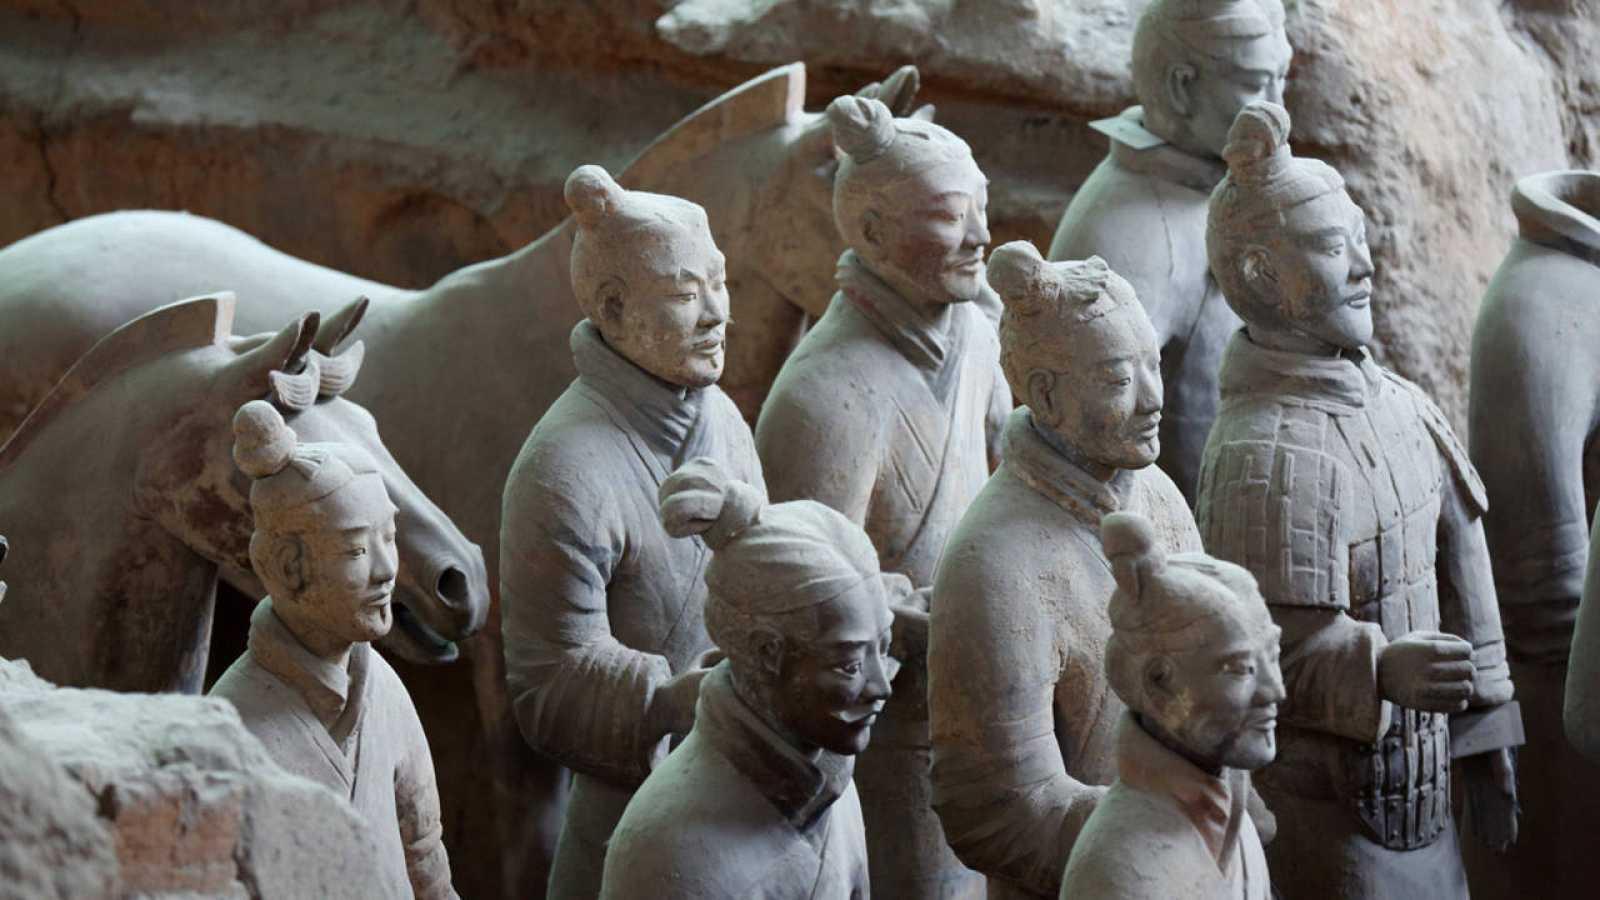 El Ejército de Terracota se compone de más de 7.000 estatuas de soldados, caballos, carros y armas.